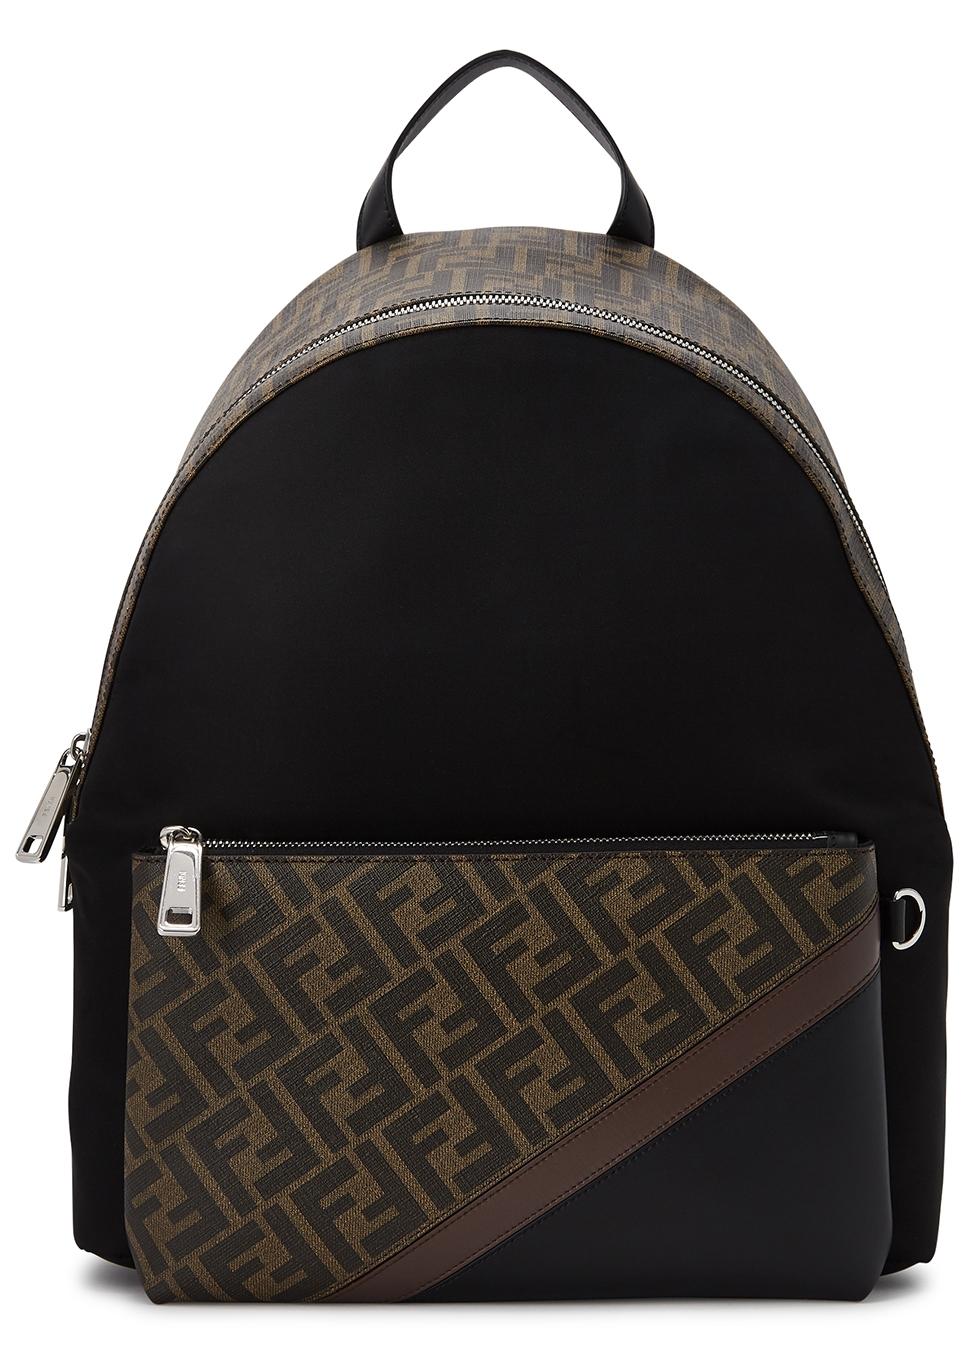 Men's Designer Bags Bags For Men Harvey Nichols